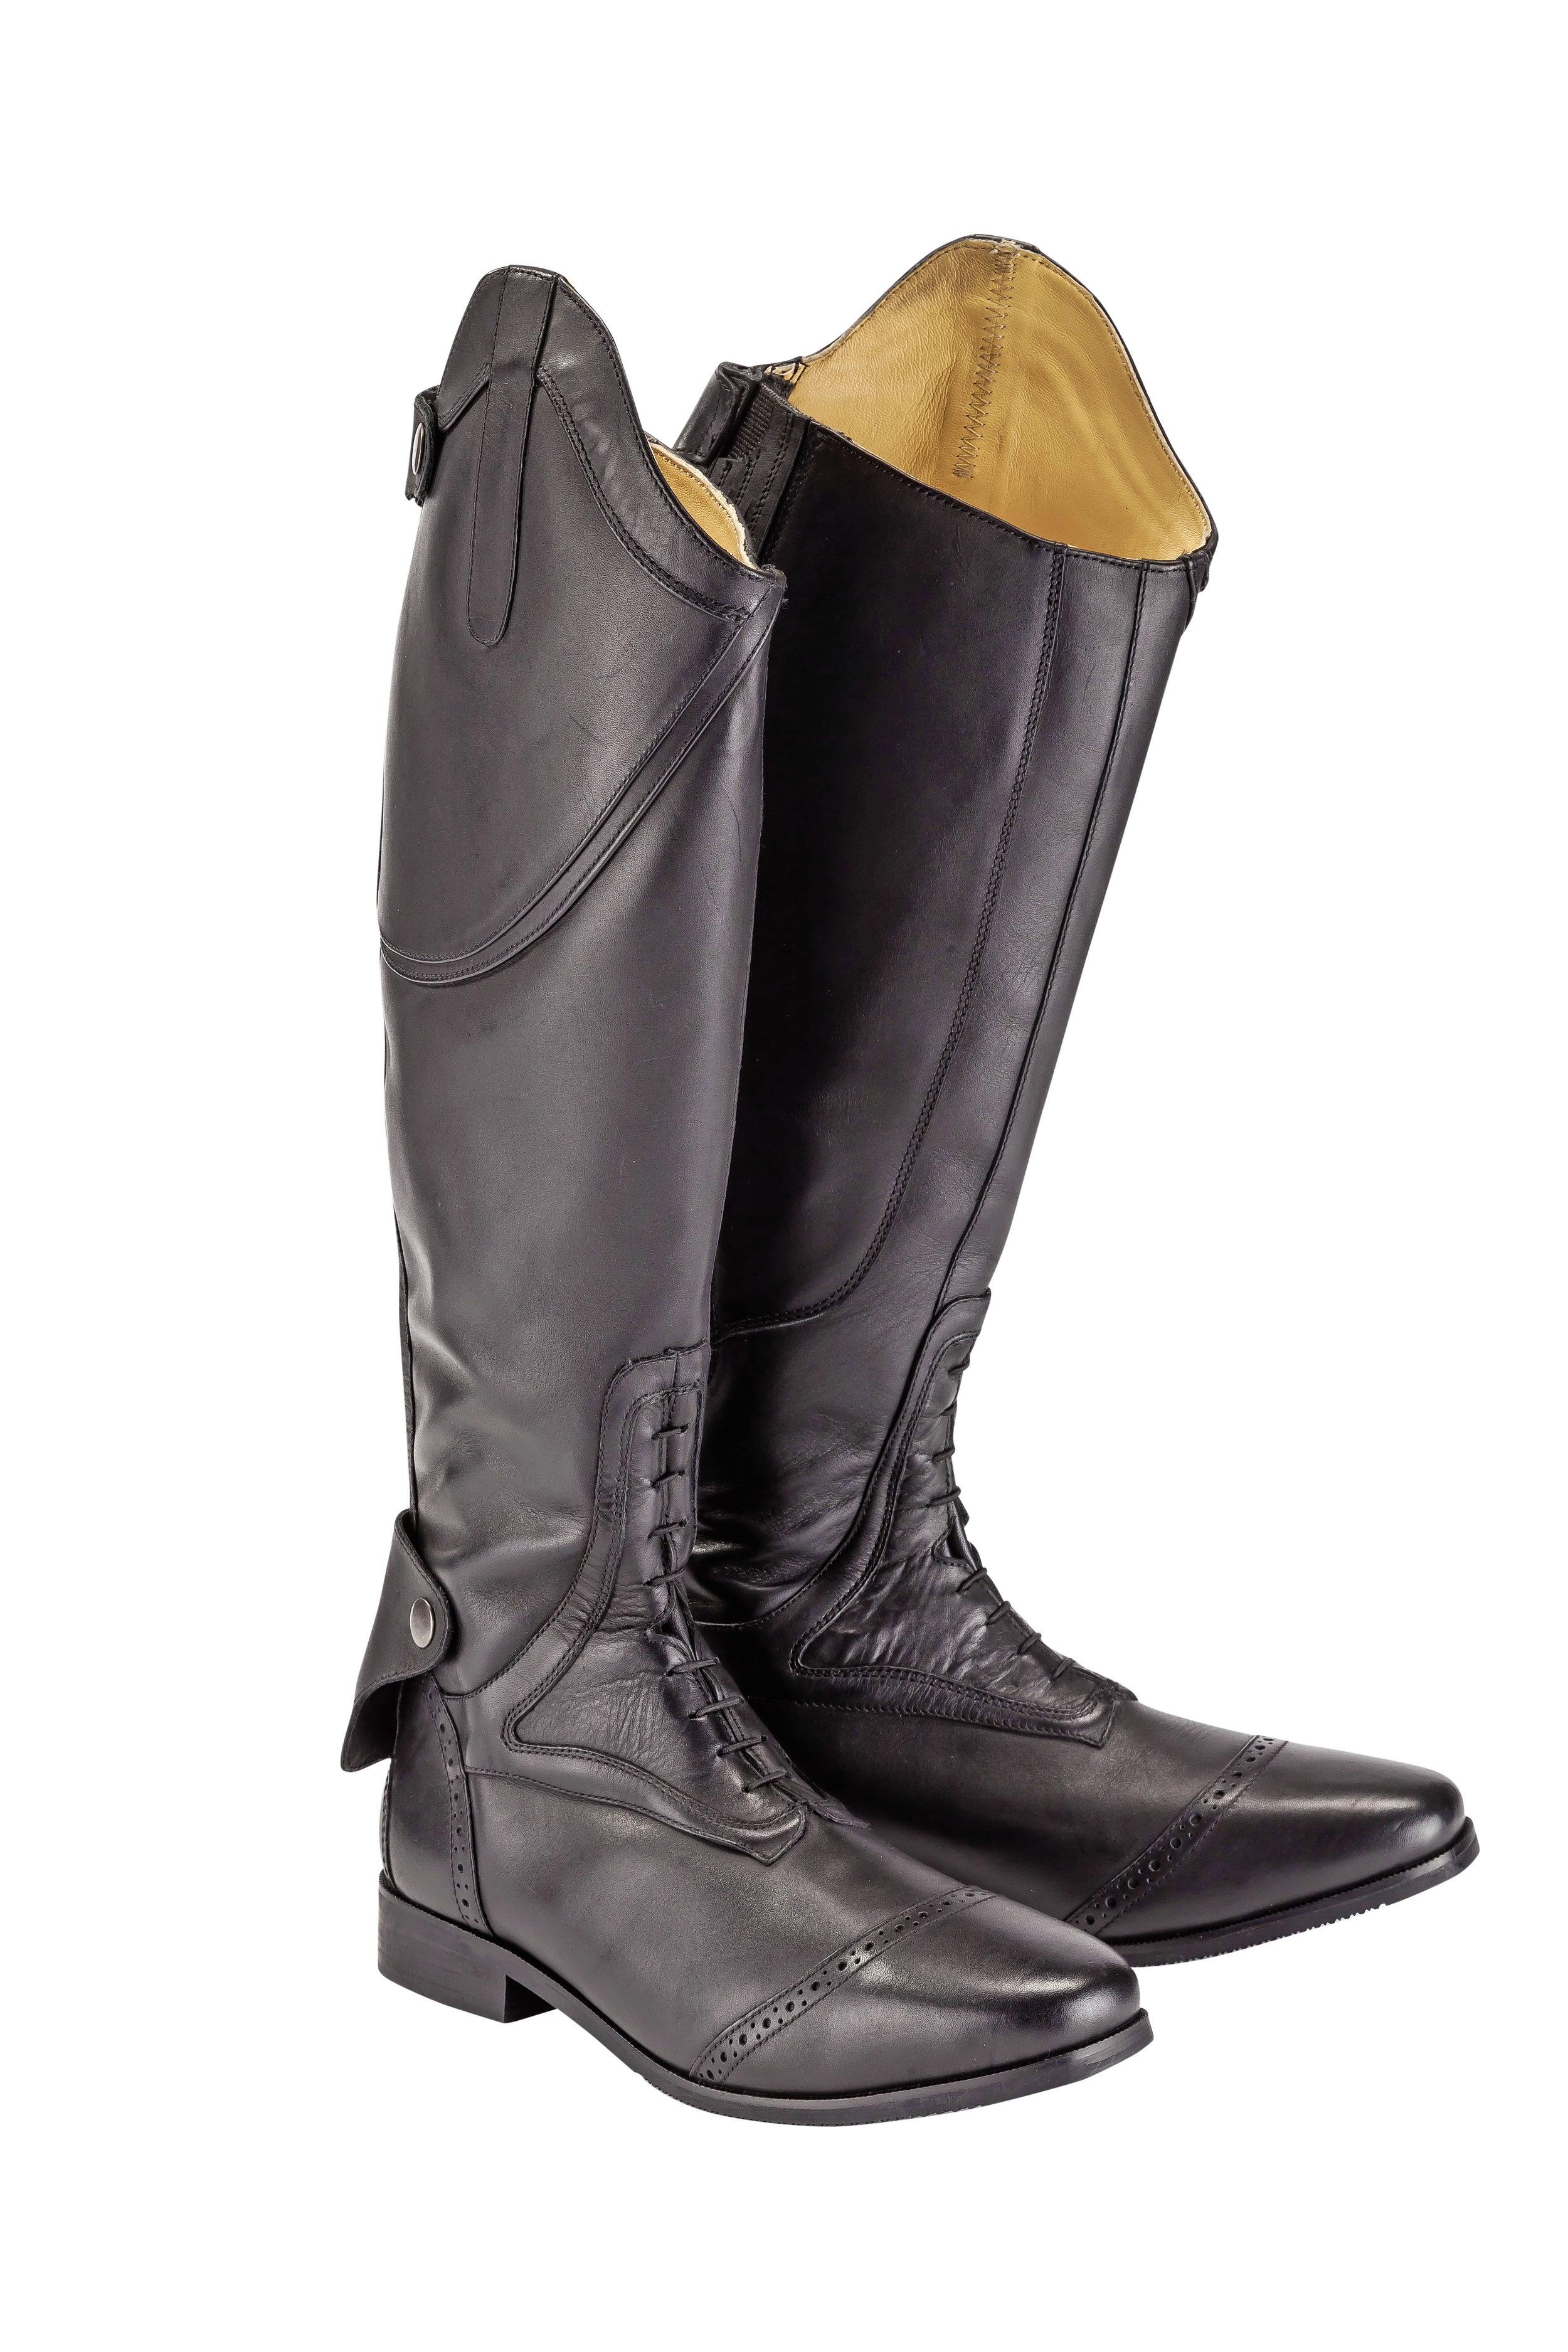 long boots.jpg